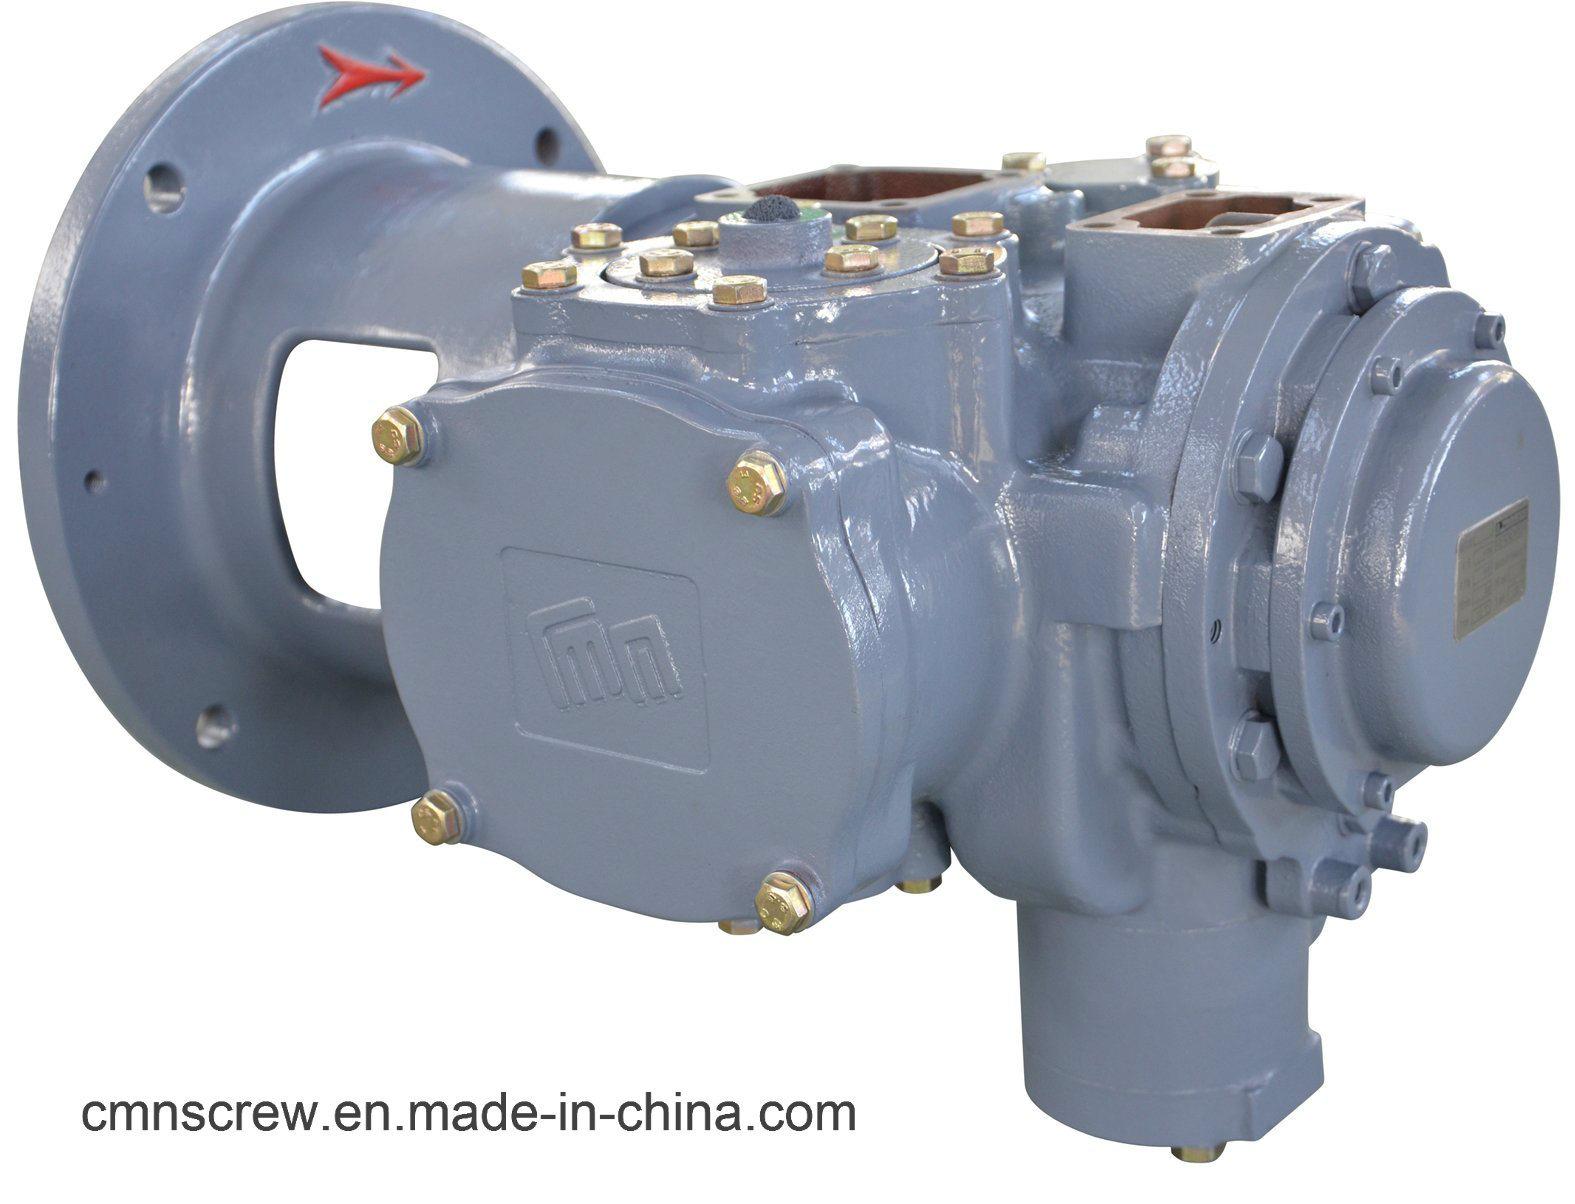 Oil Injected Screw Air Compressor (CMN110A)